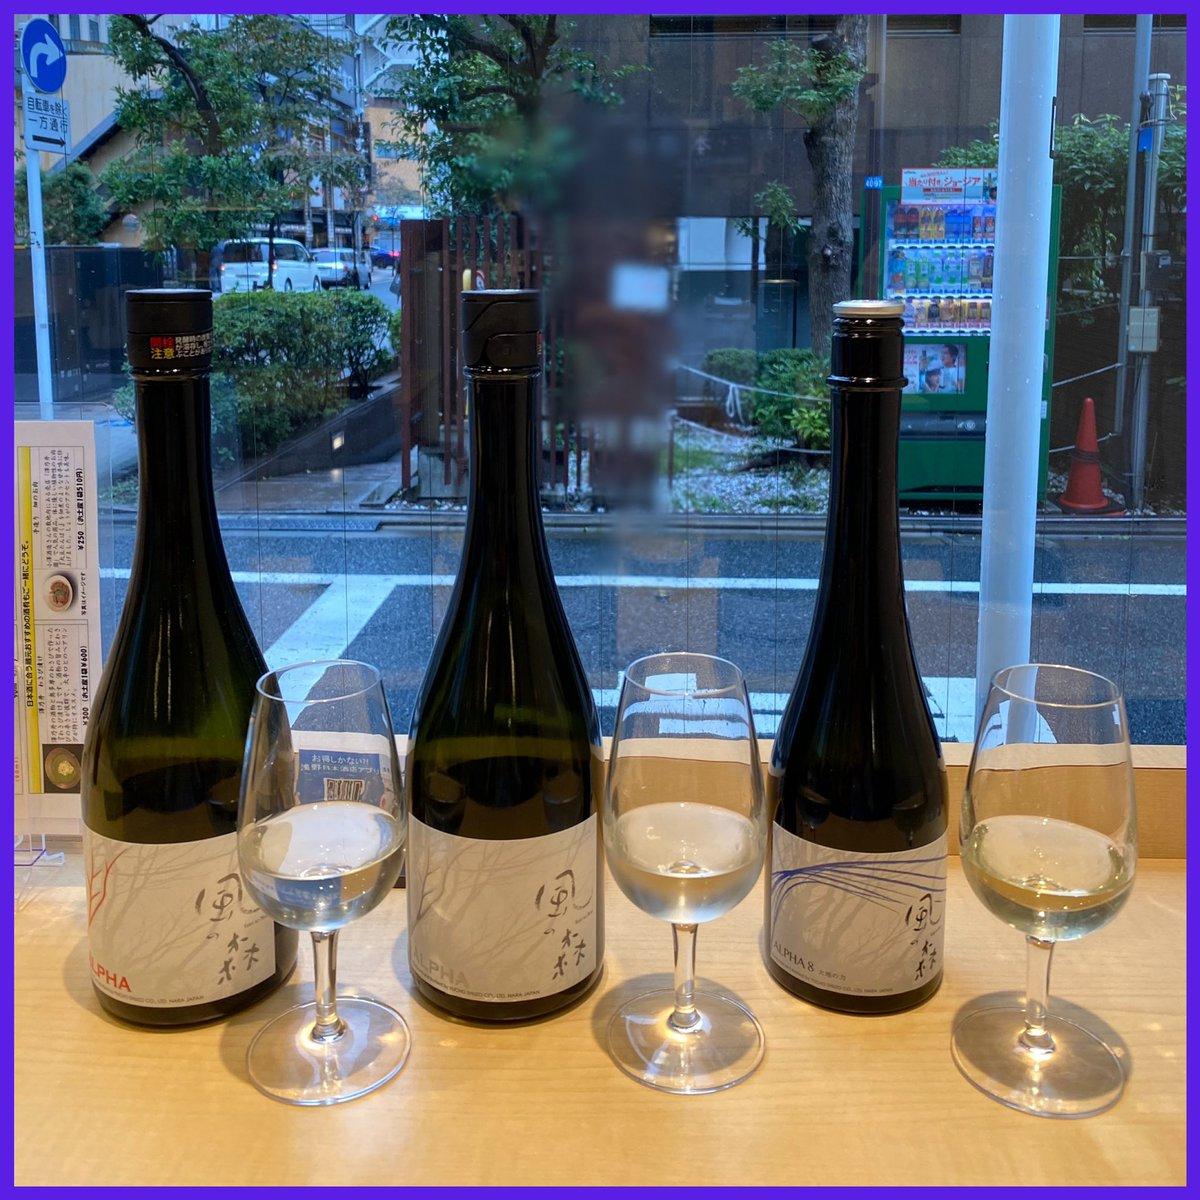 test ツイッターメディア - 本日のランチ😆🍶 風の森のALPHA飲み比べ✨1と2と8です。8の玄米感にビックリ😳日本酒好きな方にこれは体感してほしい!  角打ち再開で、ようやくこちらで飲めました。何度か購入はしてたので、店員さんが覚えてくれていて嬉しい😊 https://t.co/nFjcjnBPUF